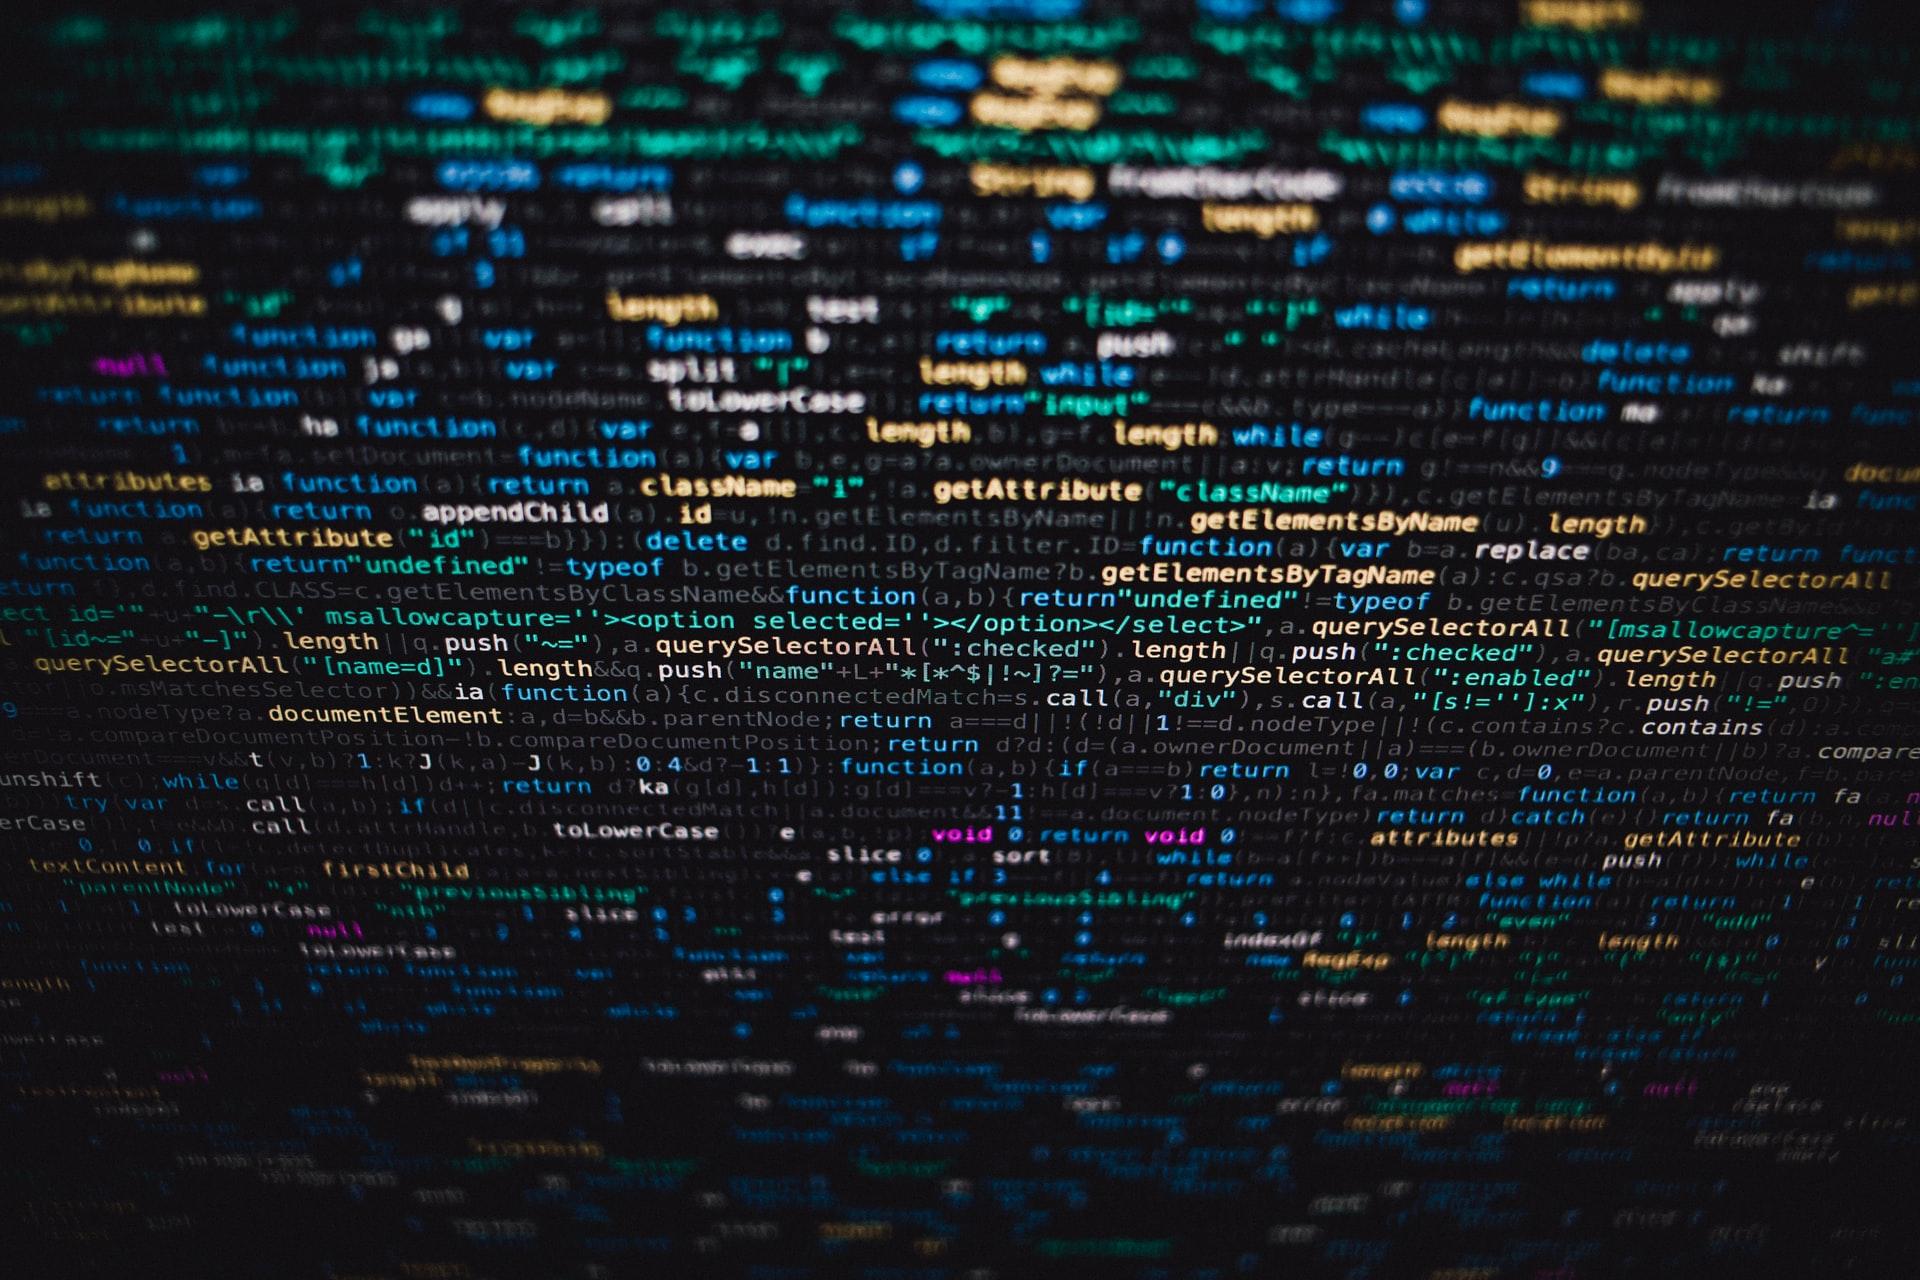 Перевод Вышел GitLab 13.1 с управлением оповещениями, качеством кода и улучшениями для безопасности и соответствия требованиям